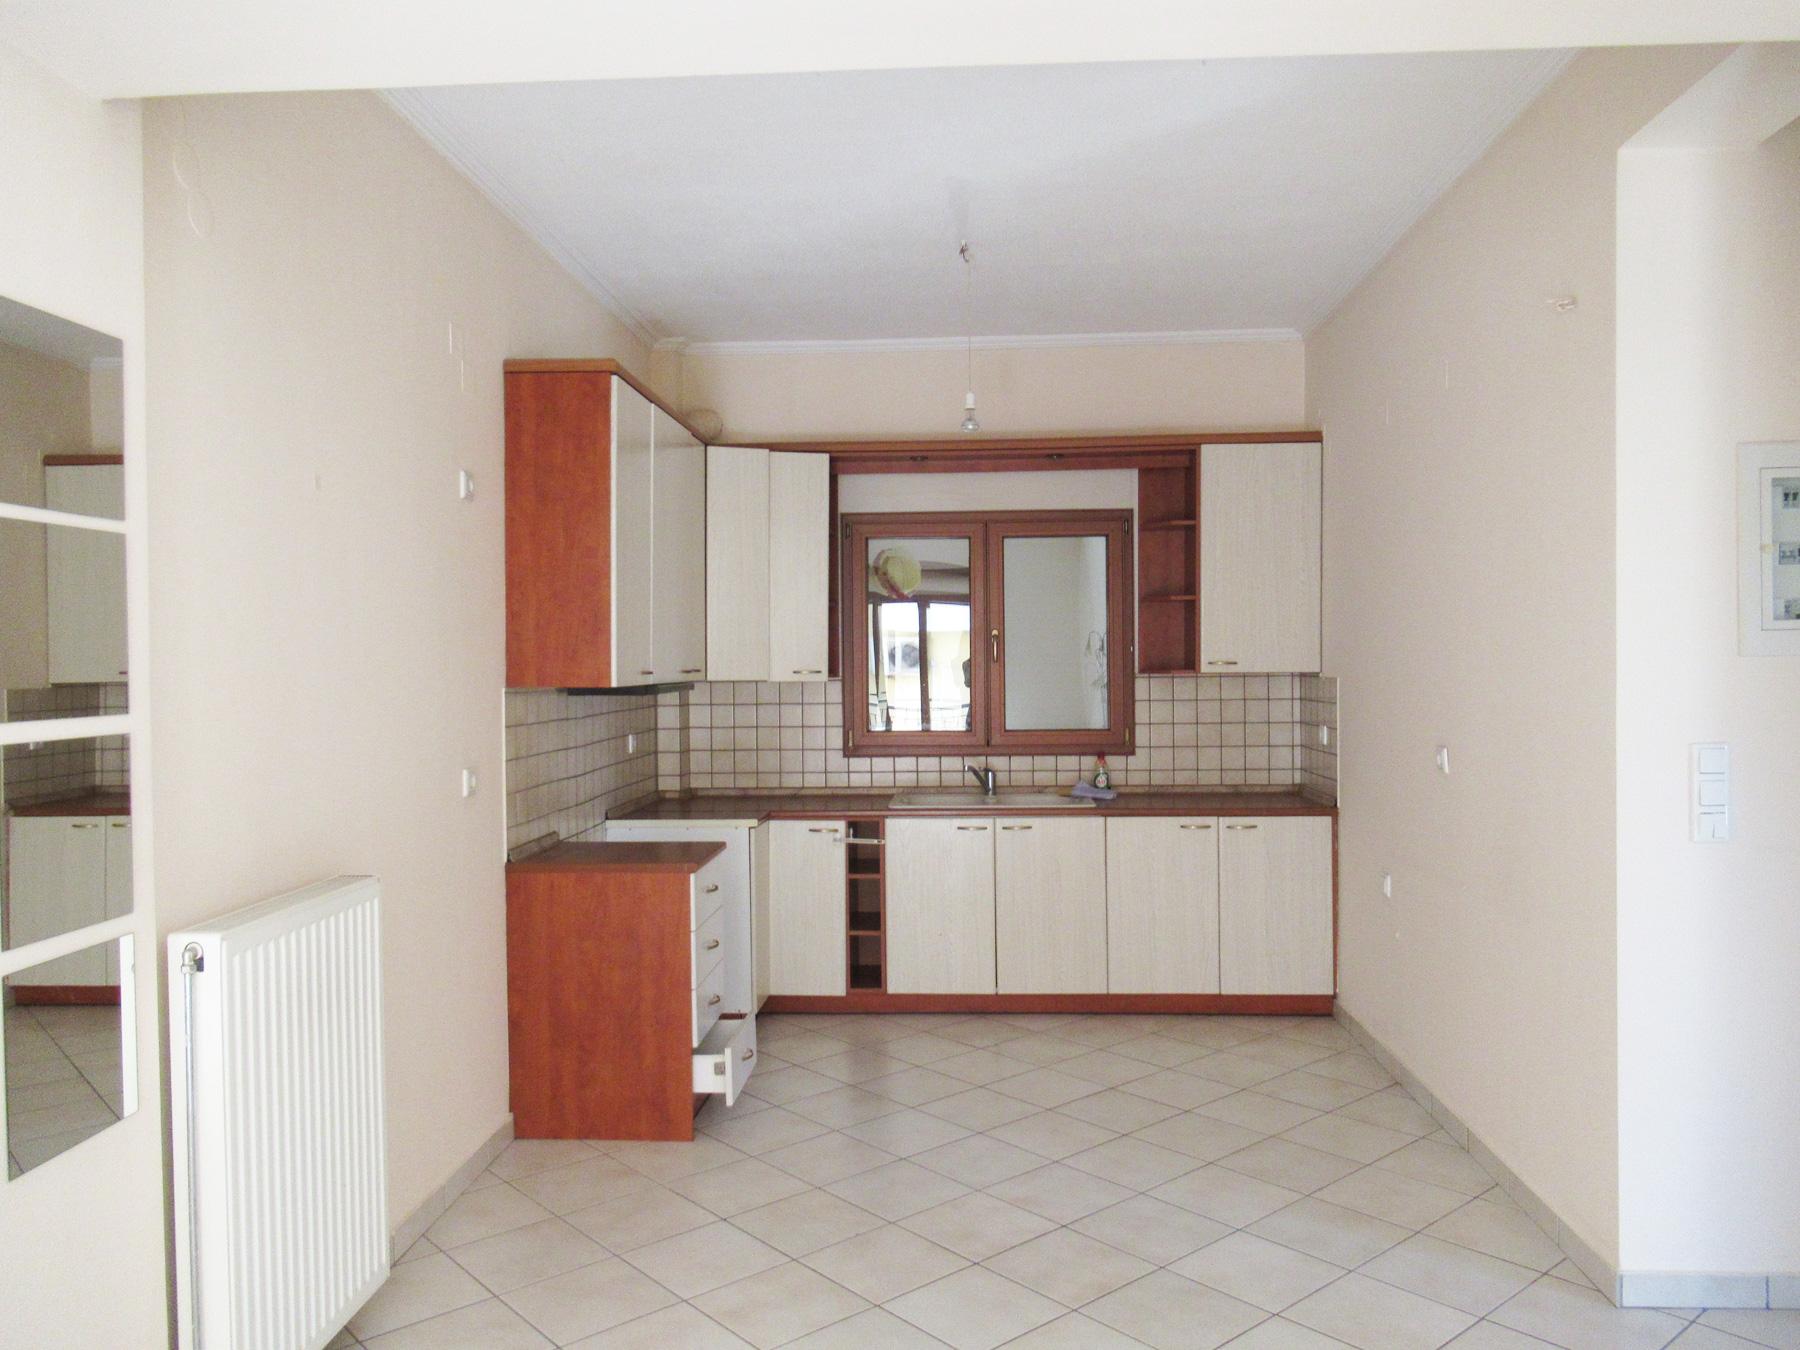 Ενοικιάζεται διαμπερές τριάρι διαμέρισμα 75 τ.μ. 1ου ορόφου σε ήσυχη γειτονιά στην Ανατολή Ιωαννίνων